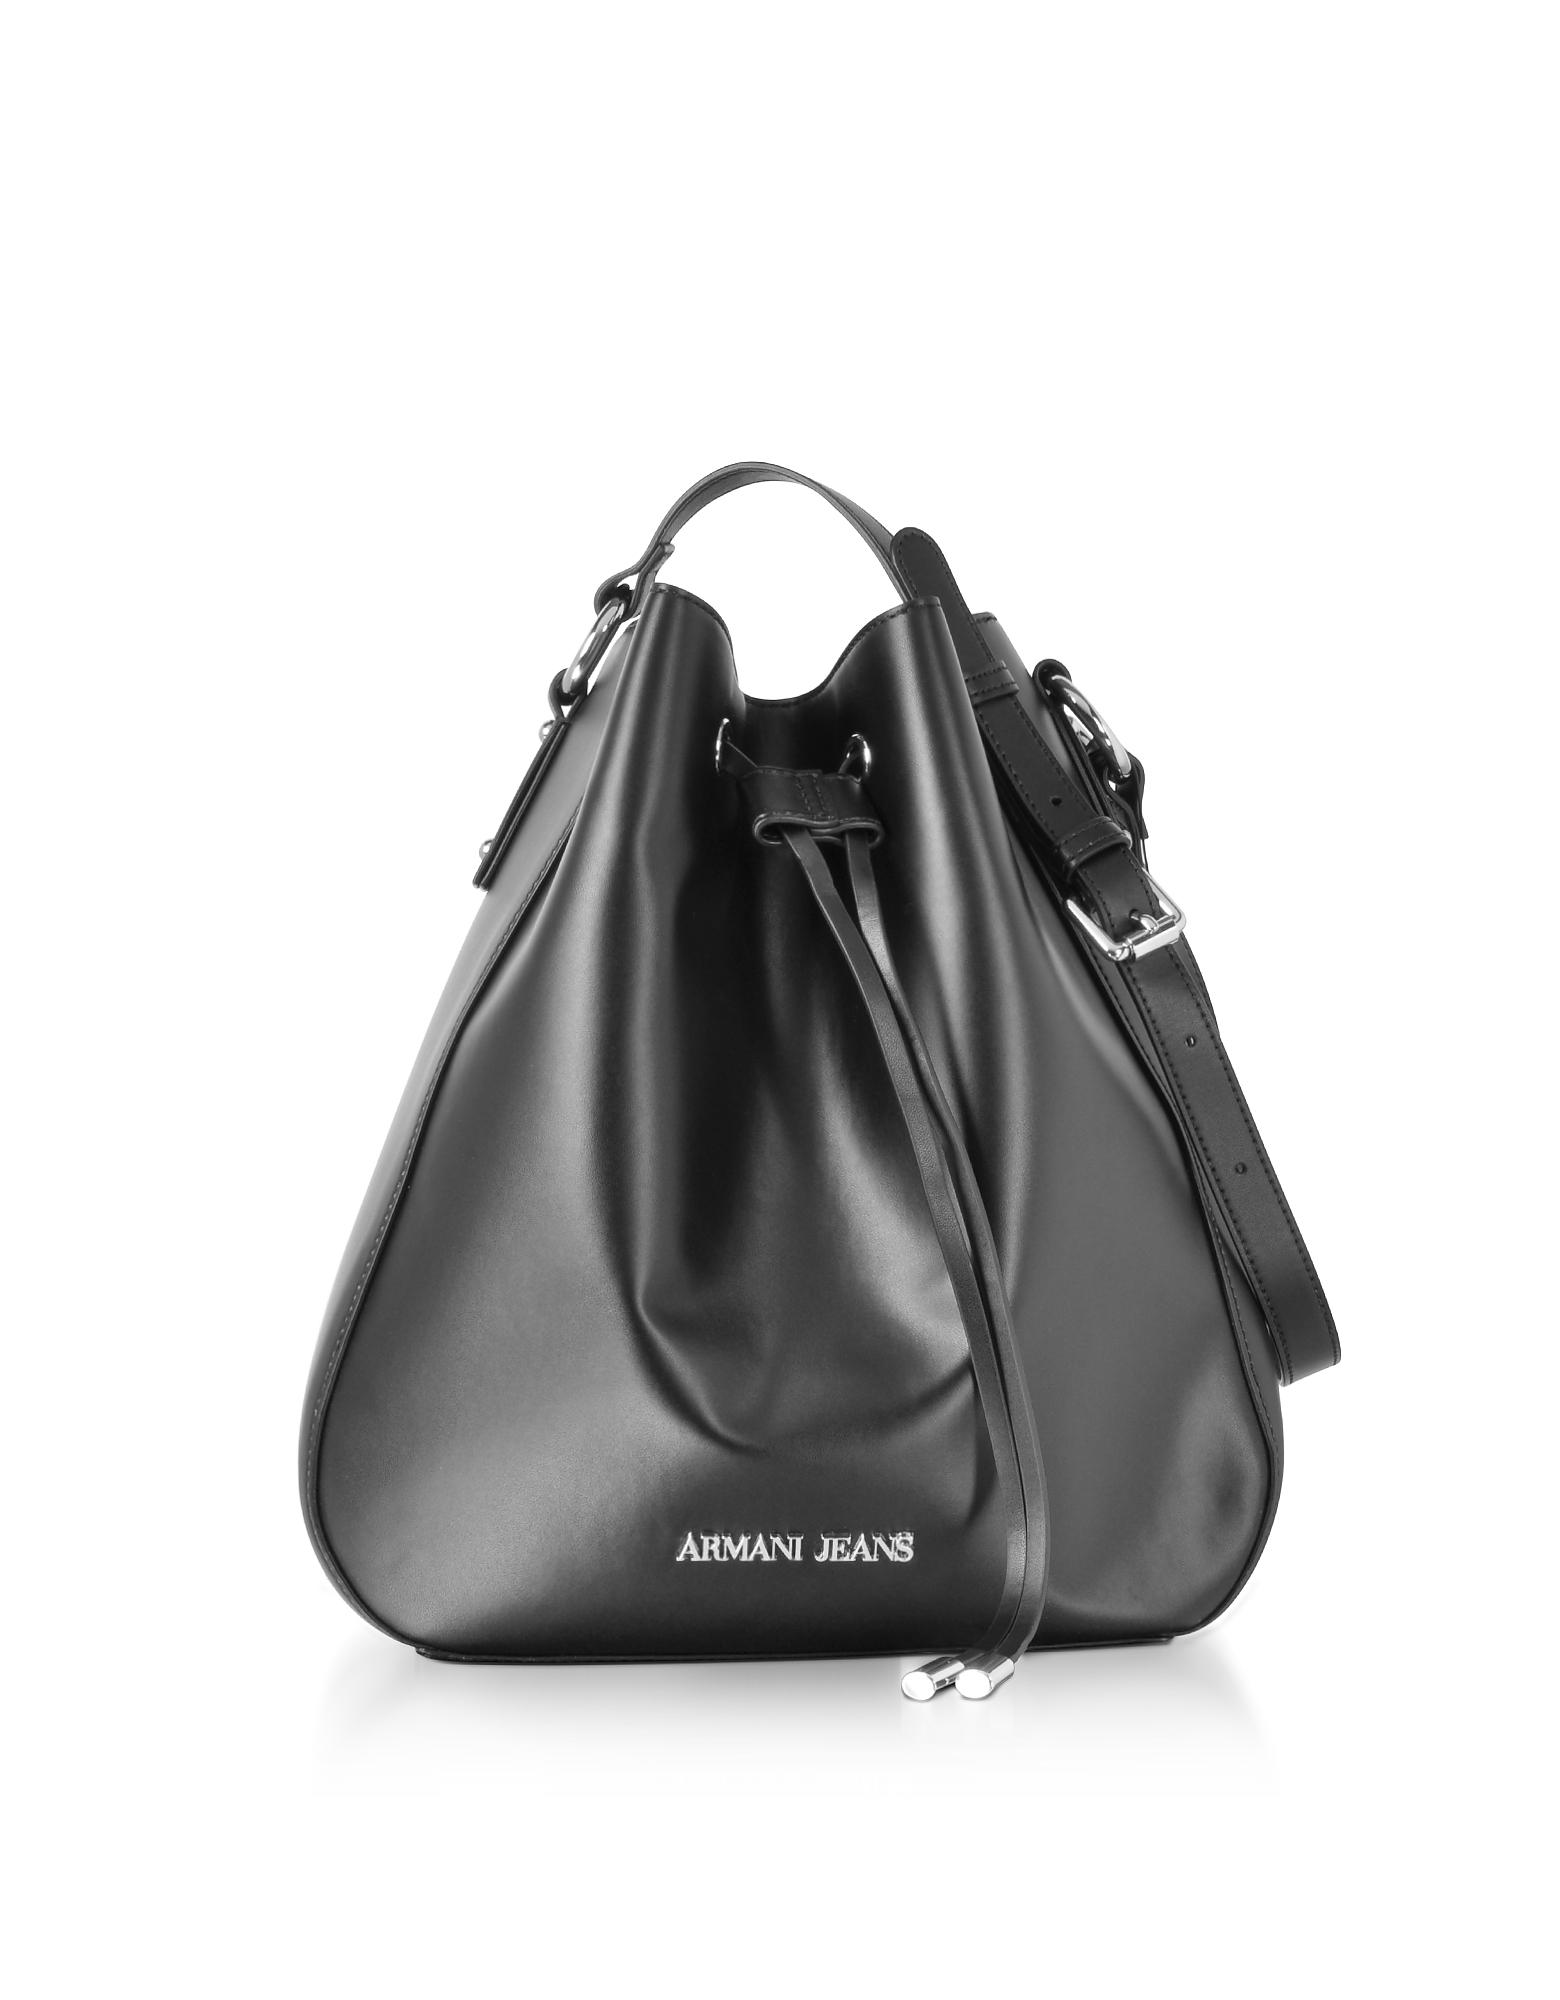 Armani Jeans Handbags, Black Signature Bucket Bag